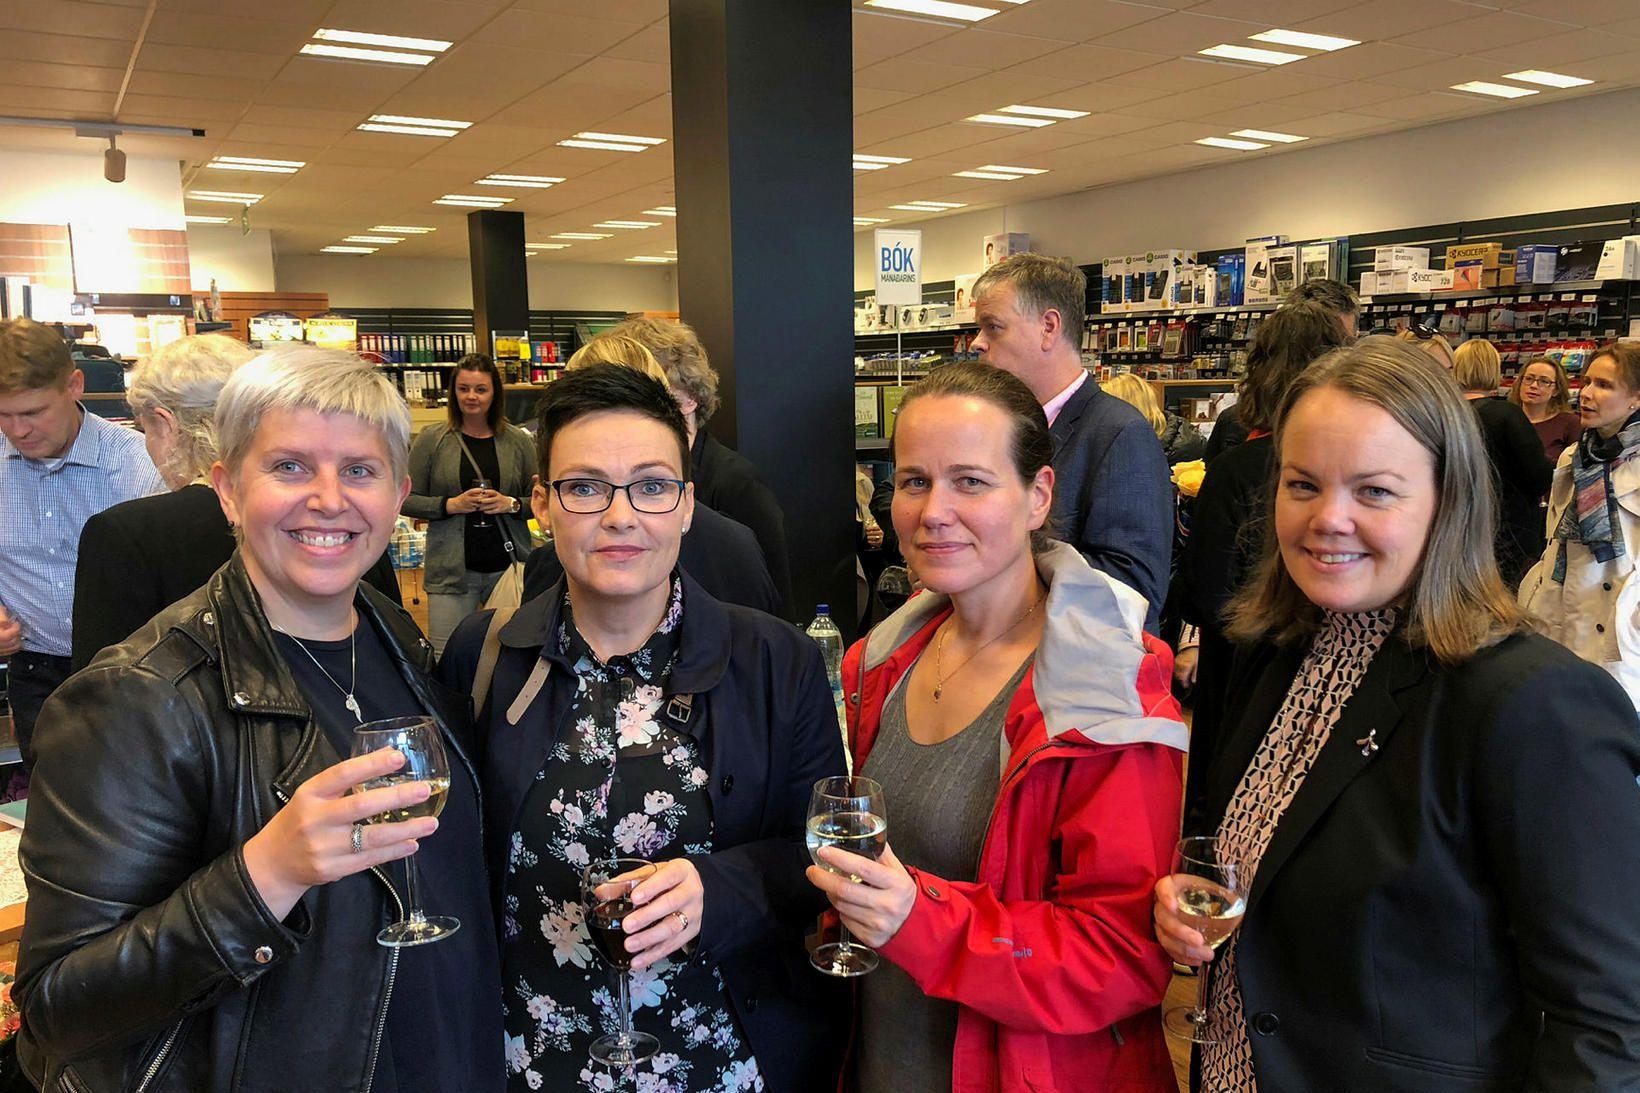 Anna Sveinsdóttir, María Guðmundsdóttir Gígja, Halldóra Bergþórsdóttir, Ingveldur Erlingsdóttir.